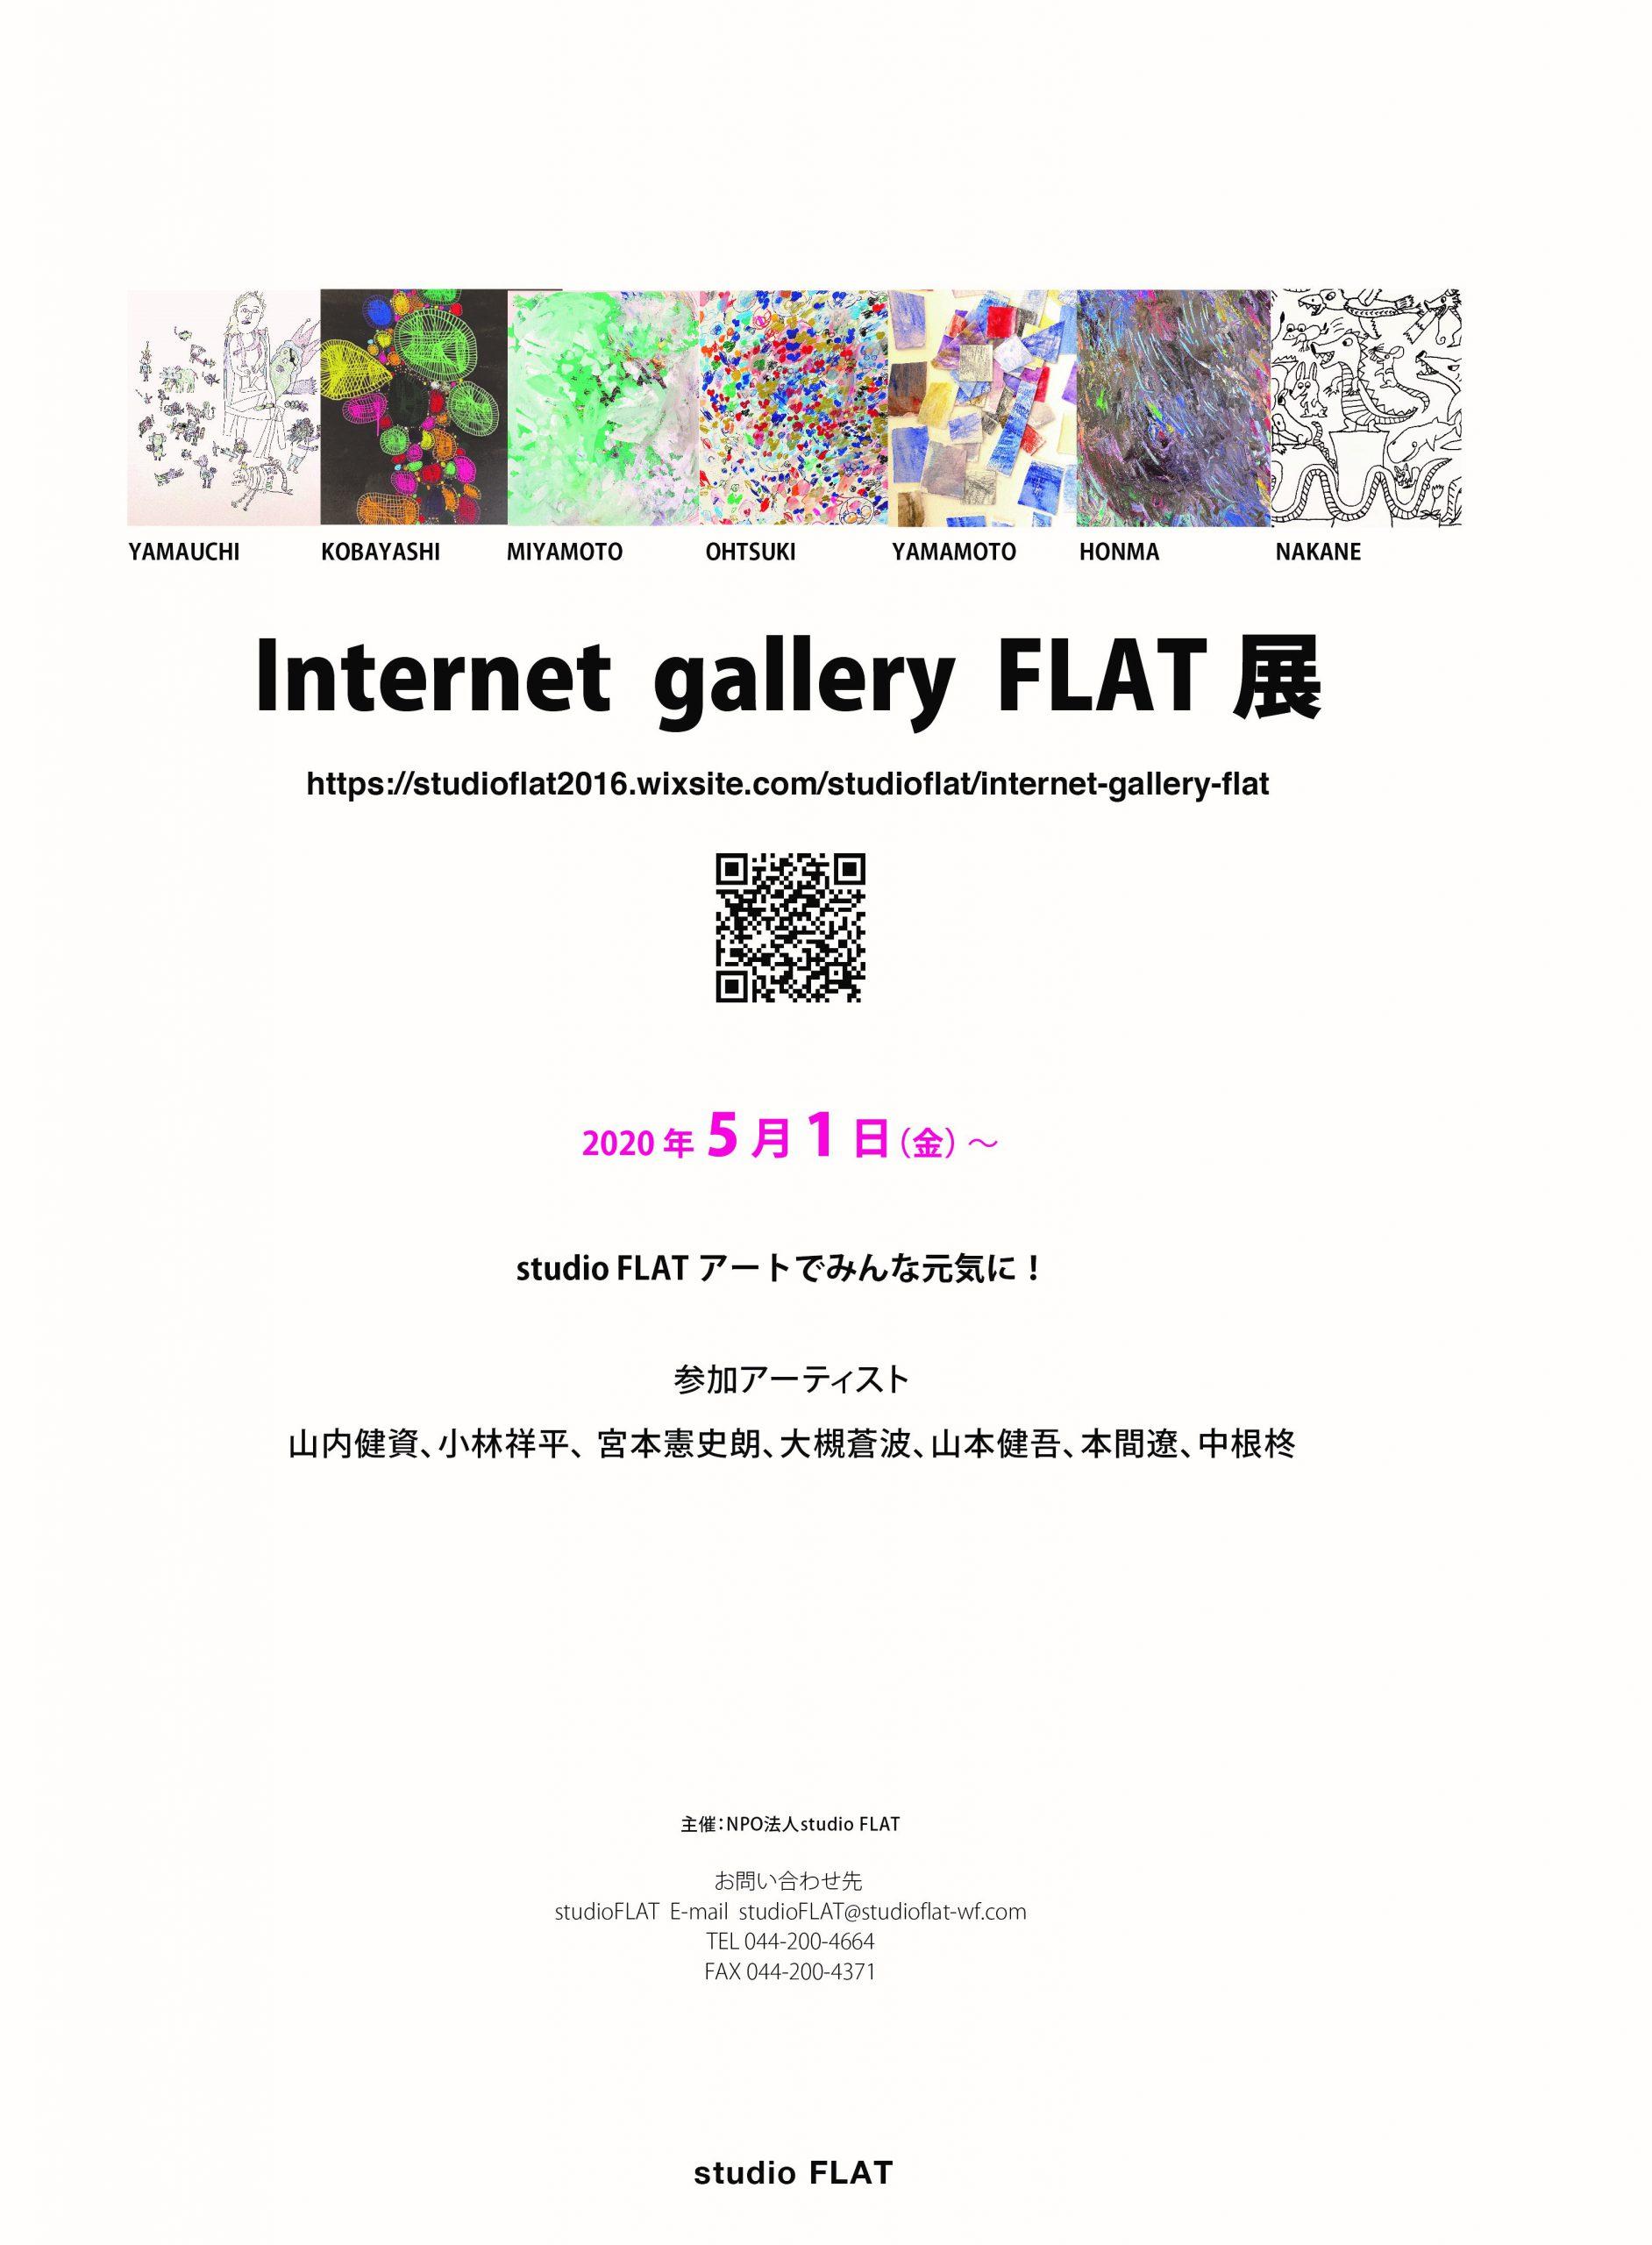 イメージ:Internet gallery FLAT展